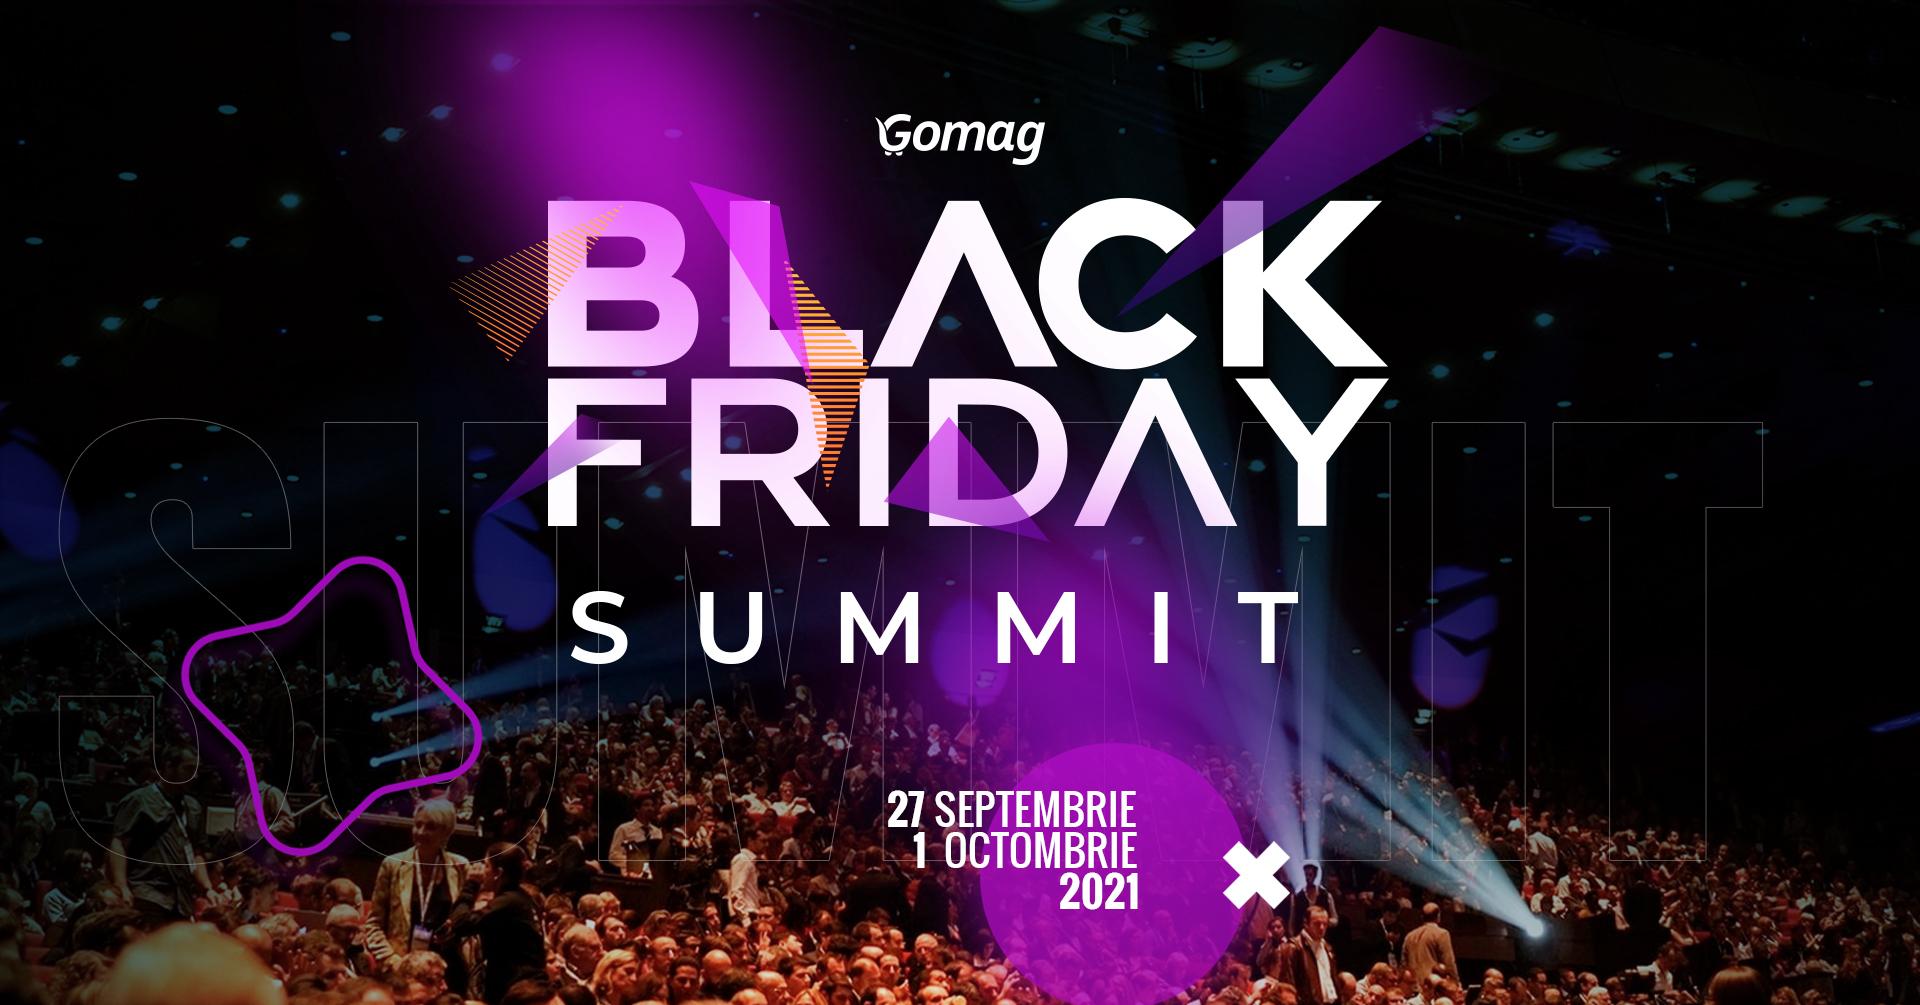 Pregateste-ti magazinul sa vanda! Participa la Black Friday SUMMIT (27 septembrie – 1 octombrie)